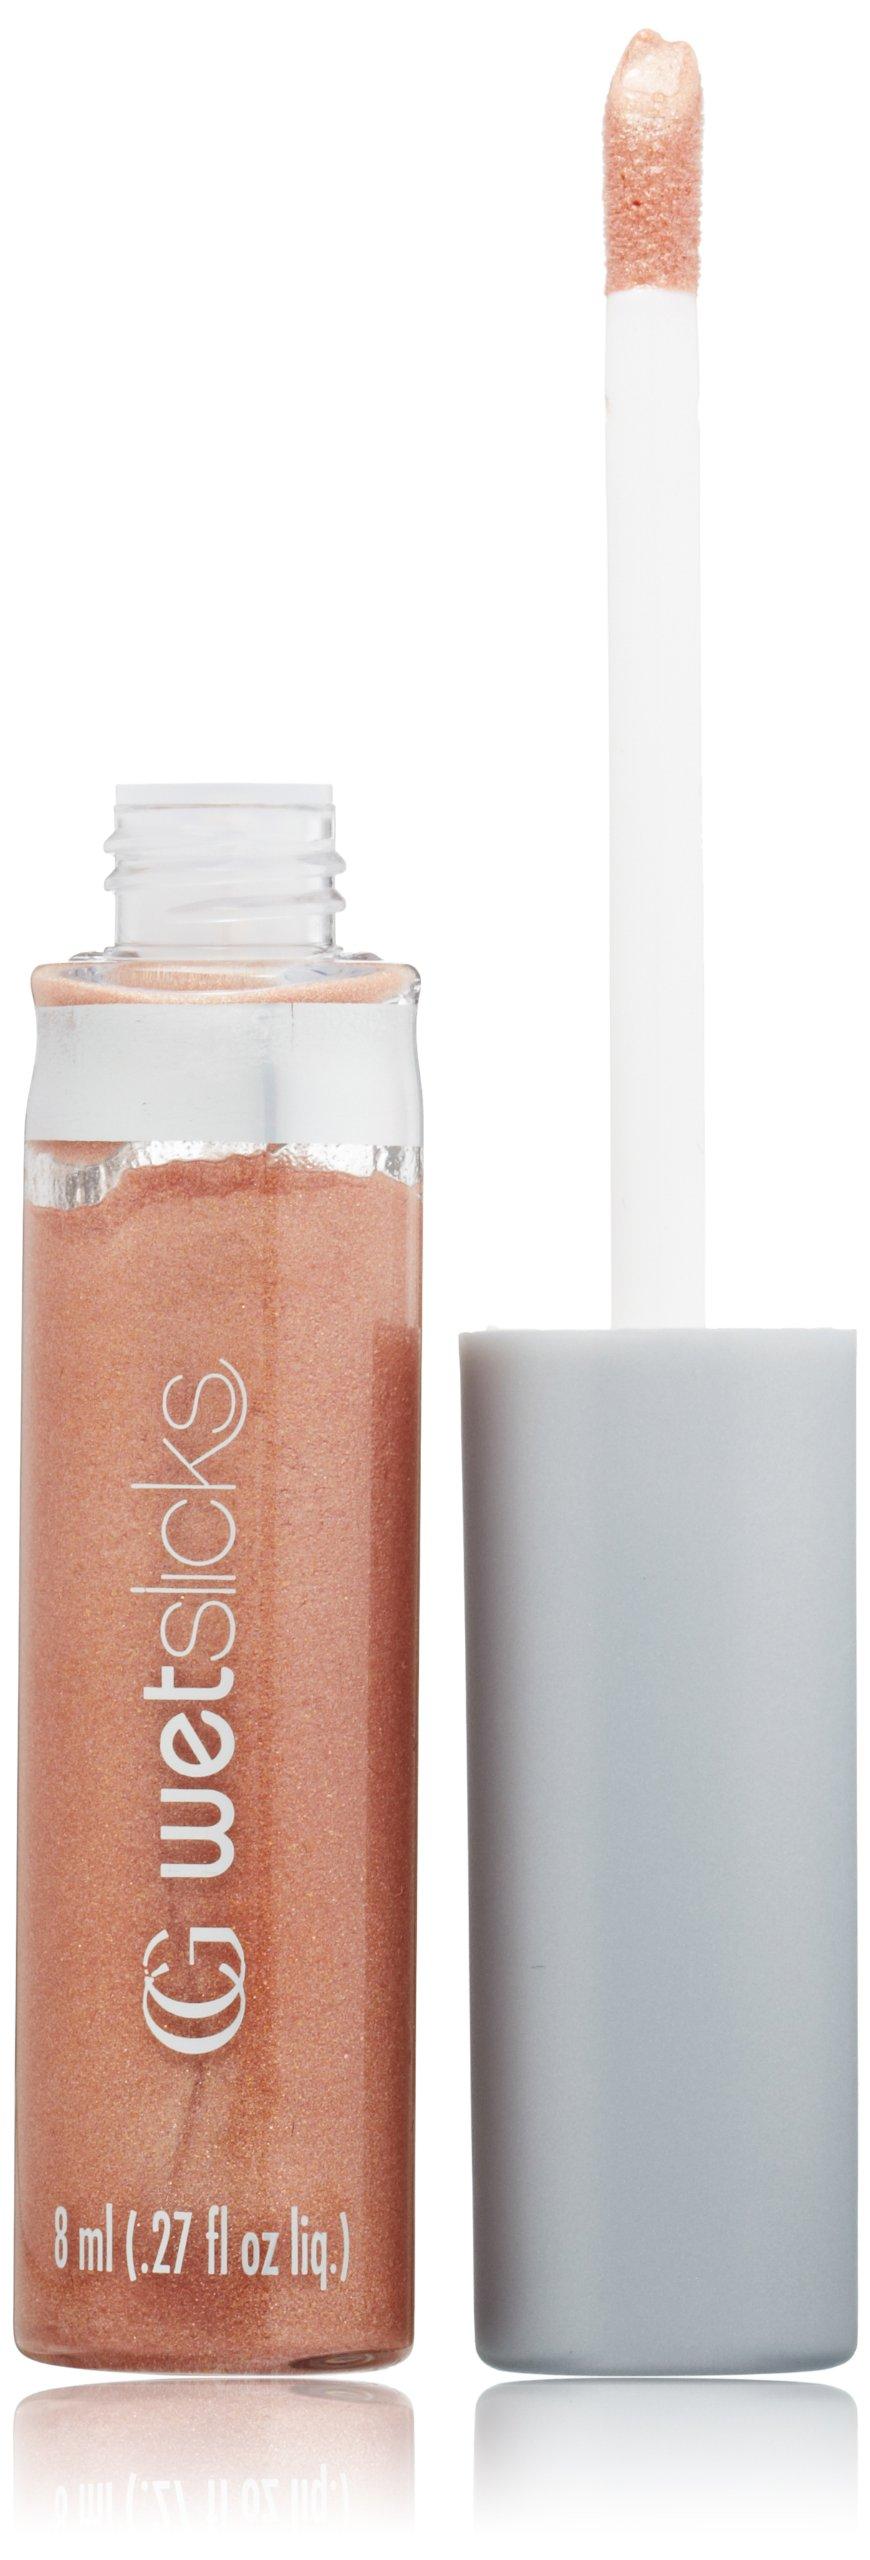 CoverGirl Wetslicks Lipgloss, Honey Talks 318, 0.27 Ounce Package